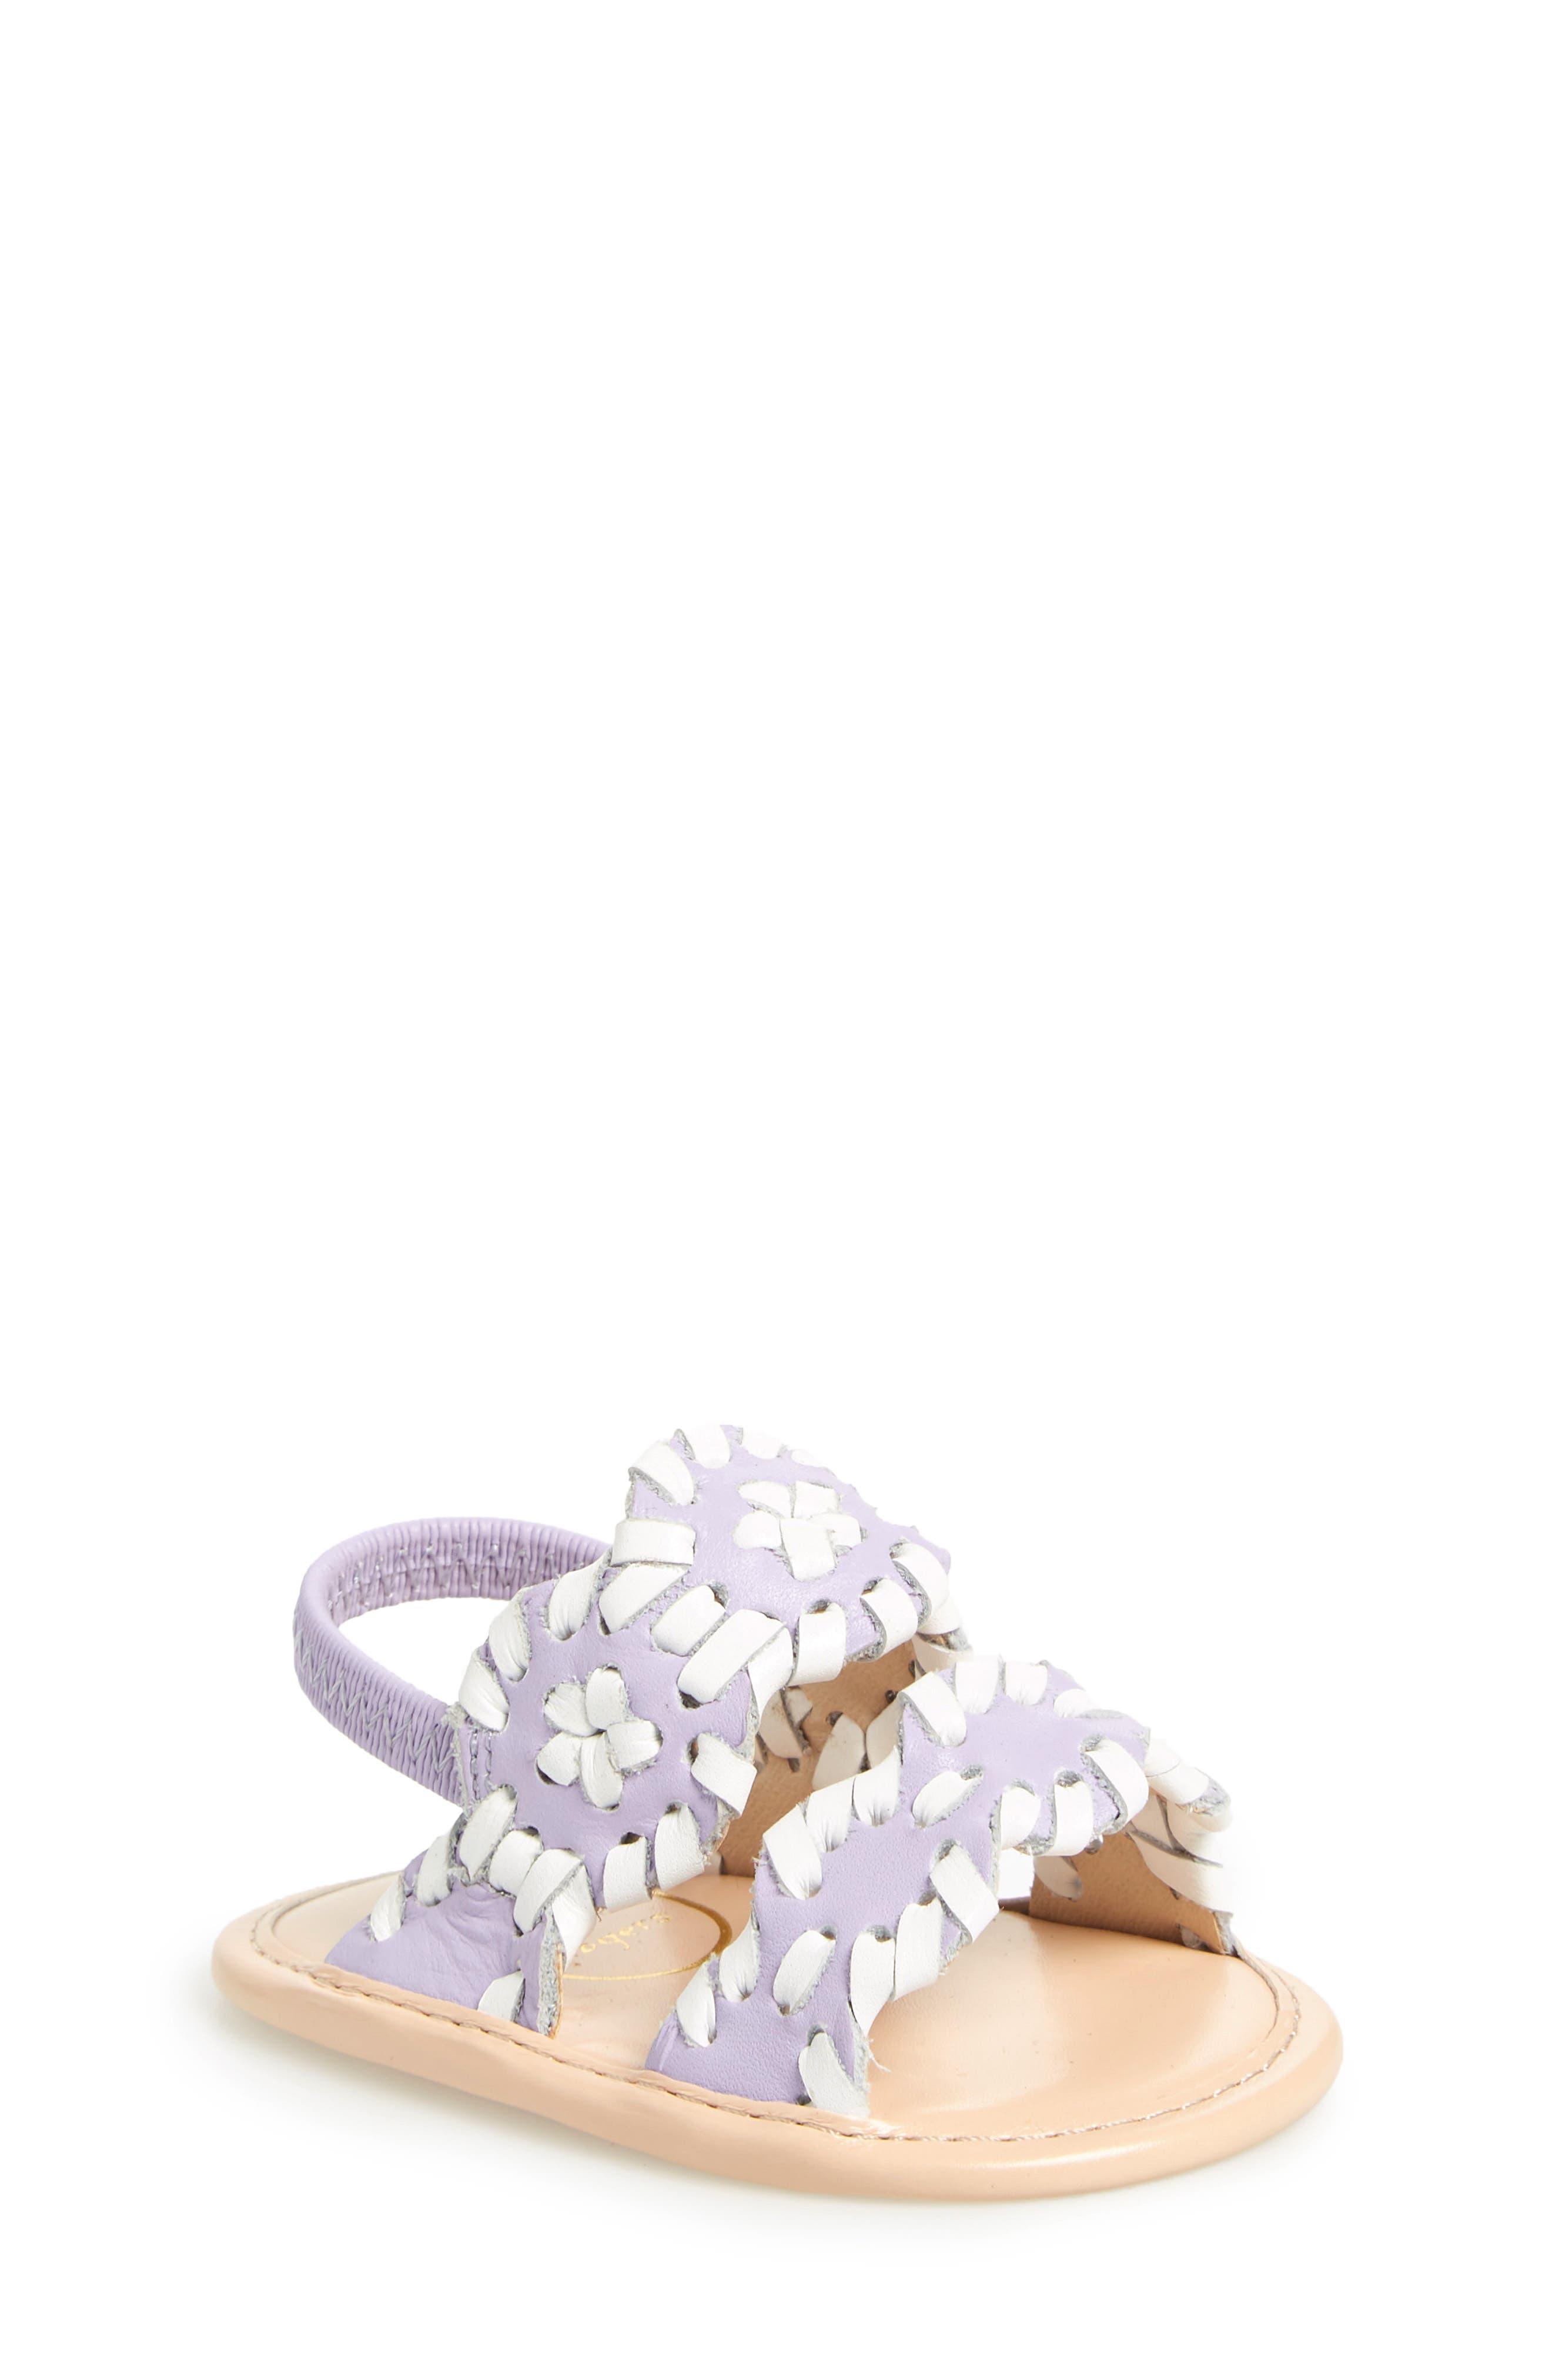 'Lauren' Sandal,                         Main,                         color, LILAC/ WHITE LEATHER